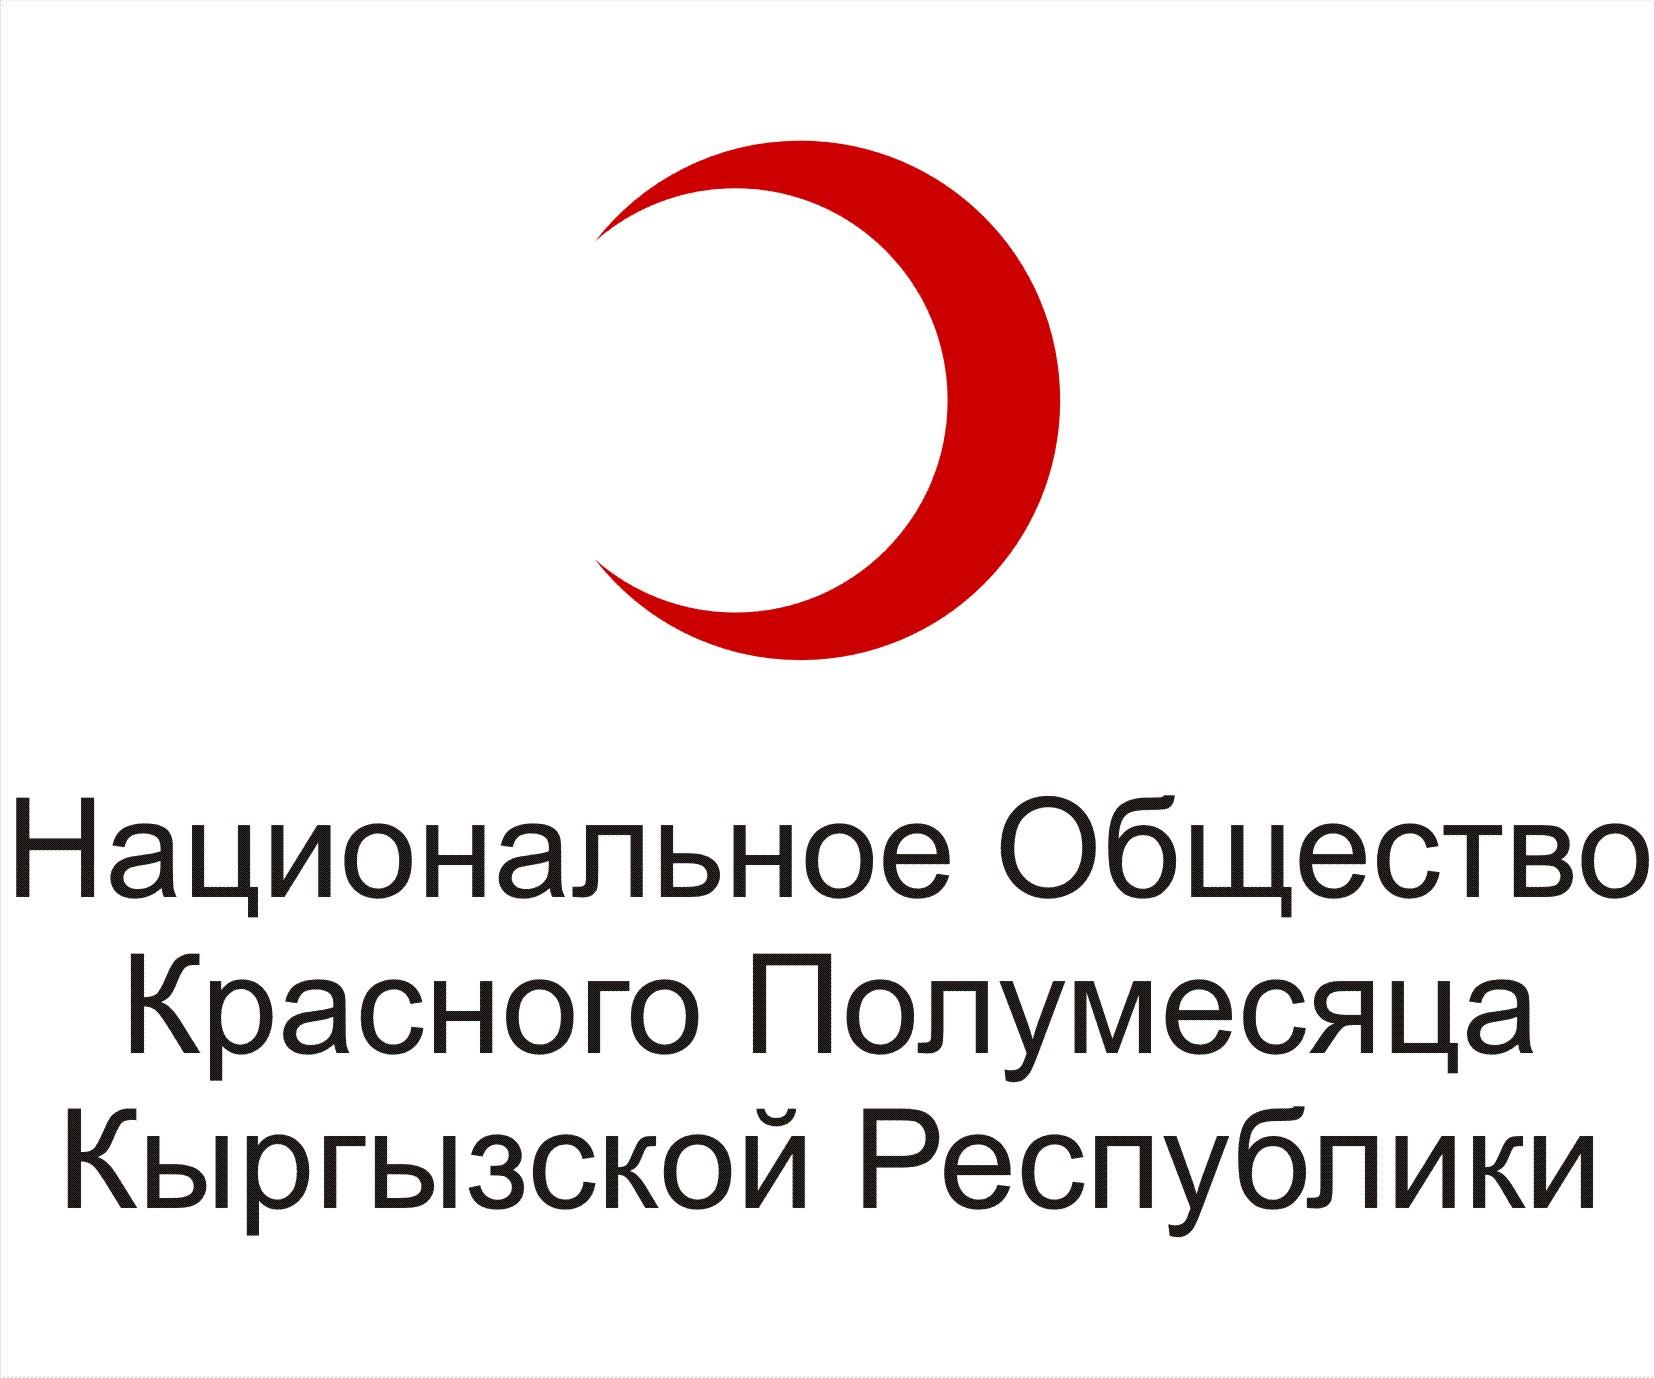 Об организации международное движение красного креста и полумесяца создано с целью предотвращения и облегчения